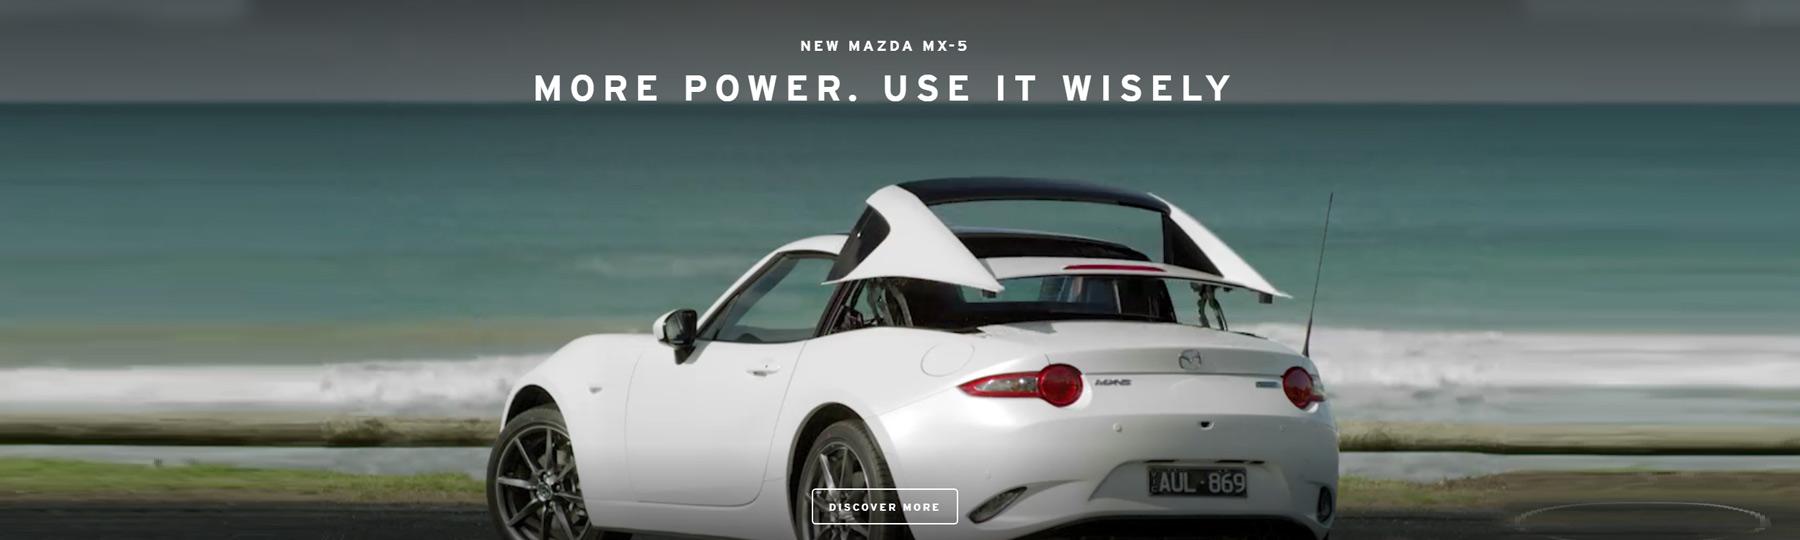 Mazda MX-5 Video Banner